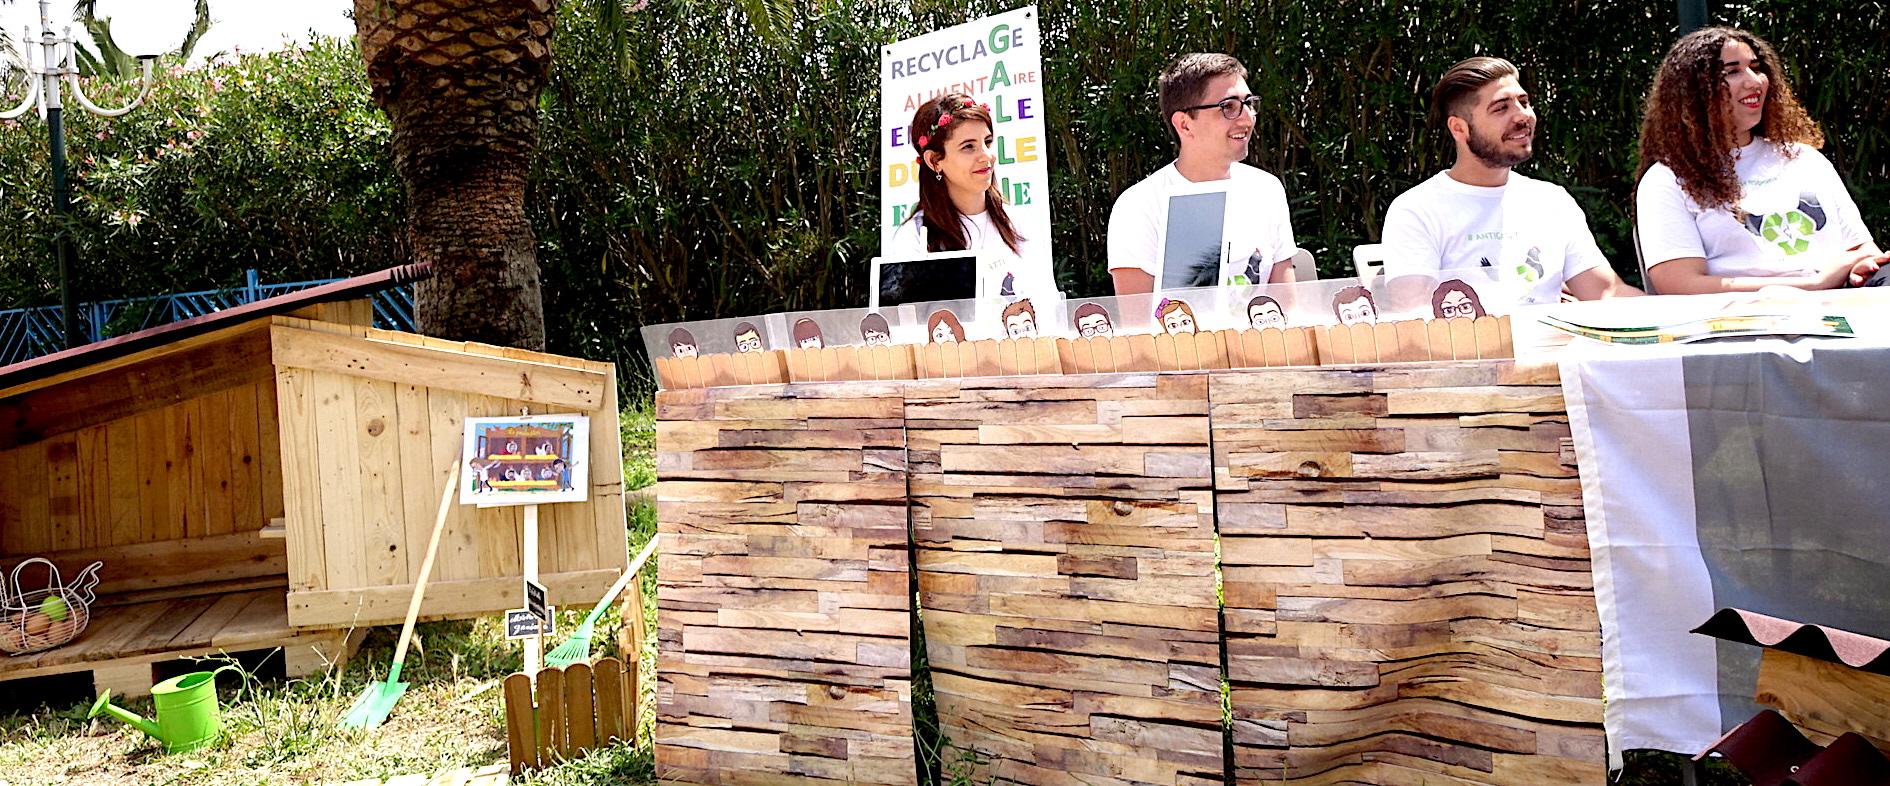 Lutte contre les biodéchets à Santa Maria di Lota : Deux poules offertes, contre l'achat d'un poulailler…